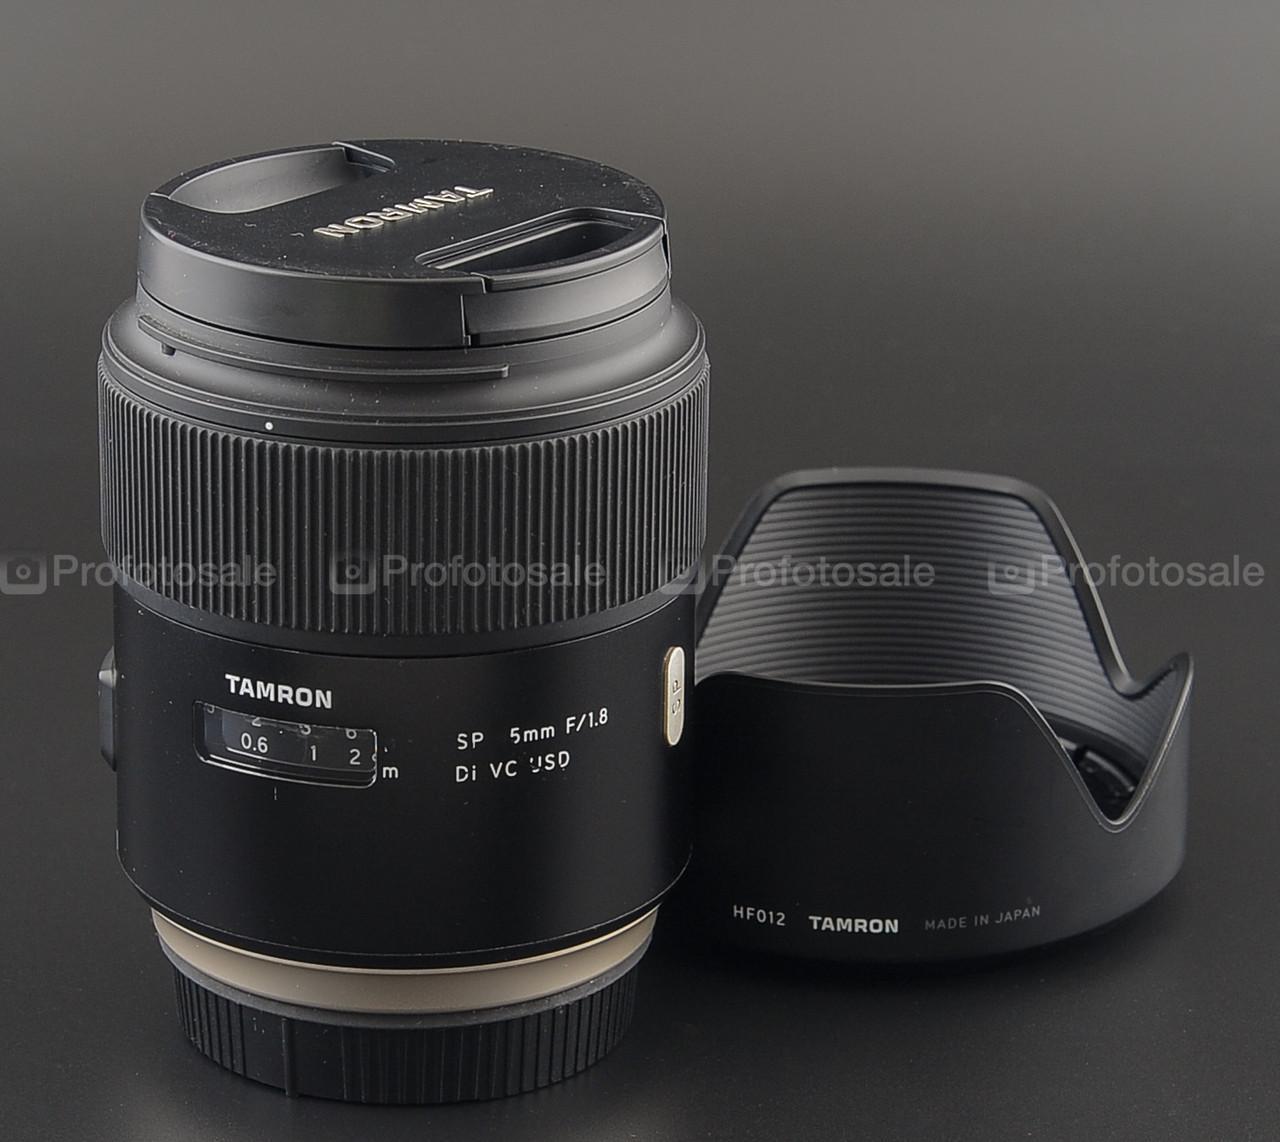 Tamron SP 45mm f/1.8Di VC USD (Canon)